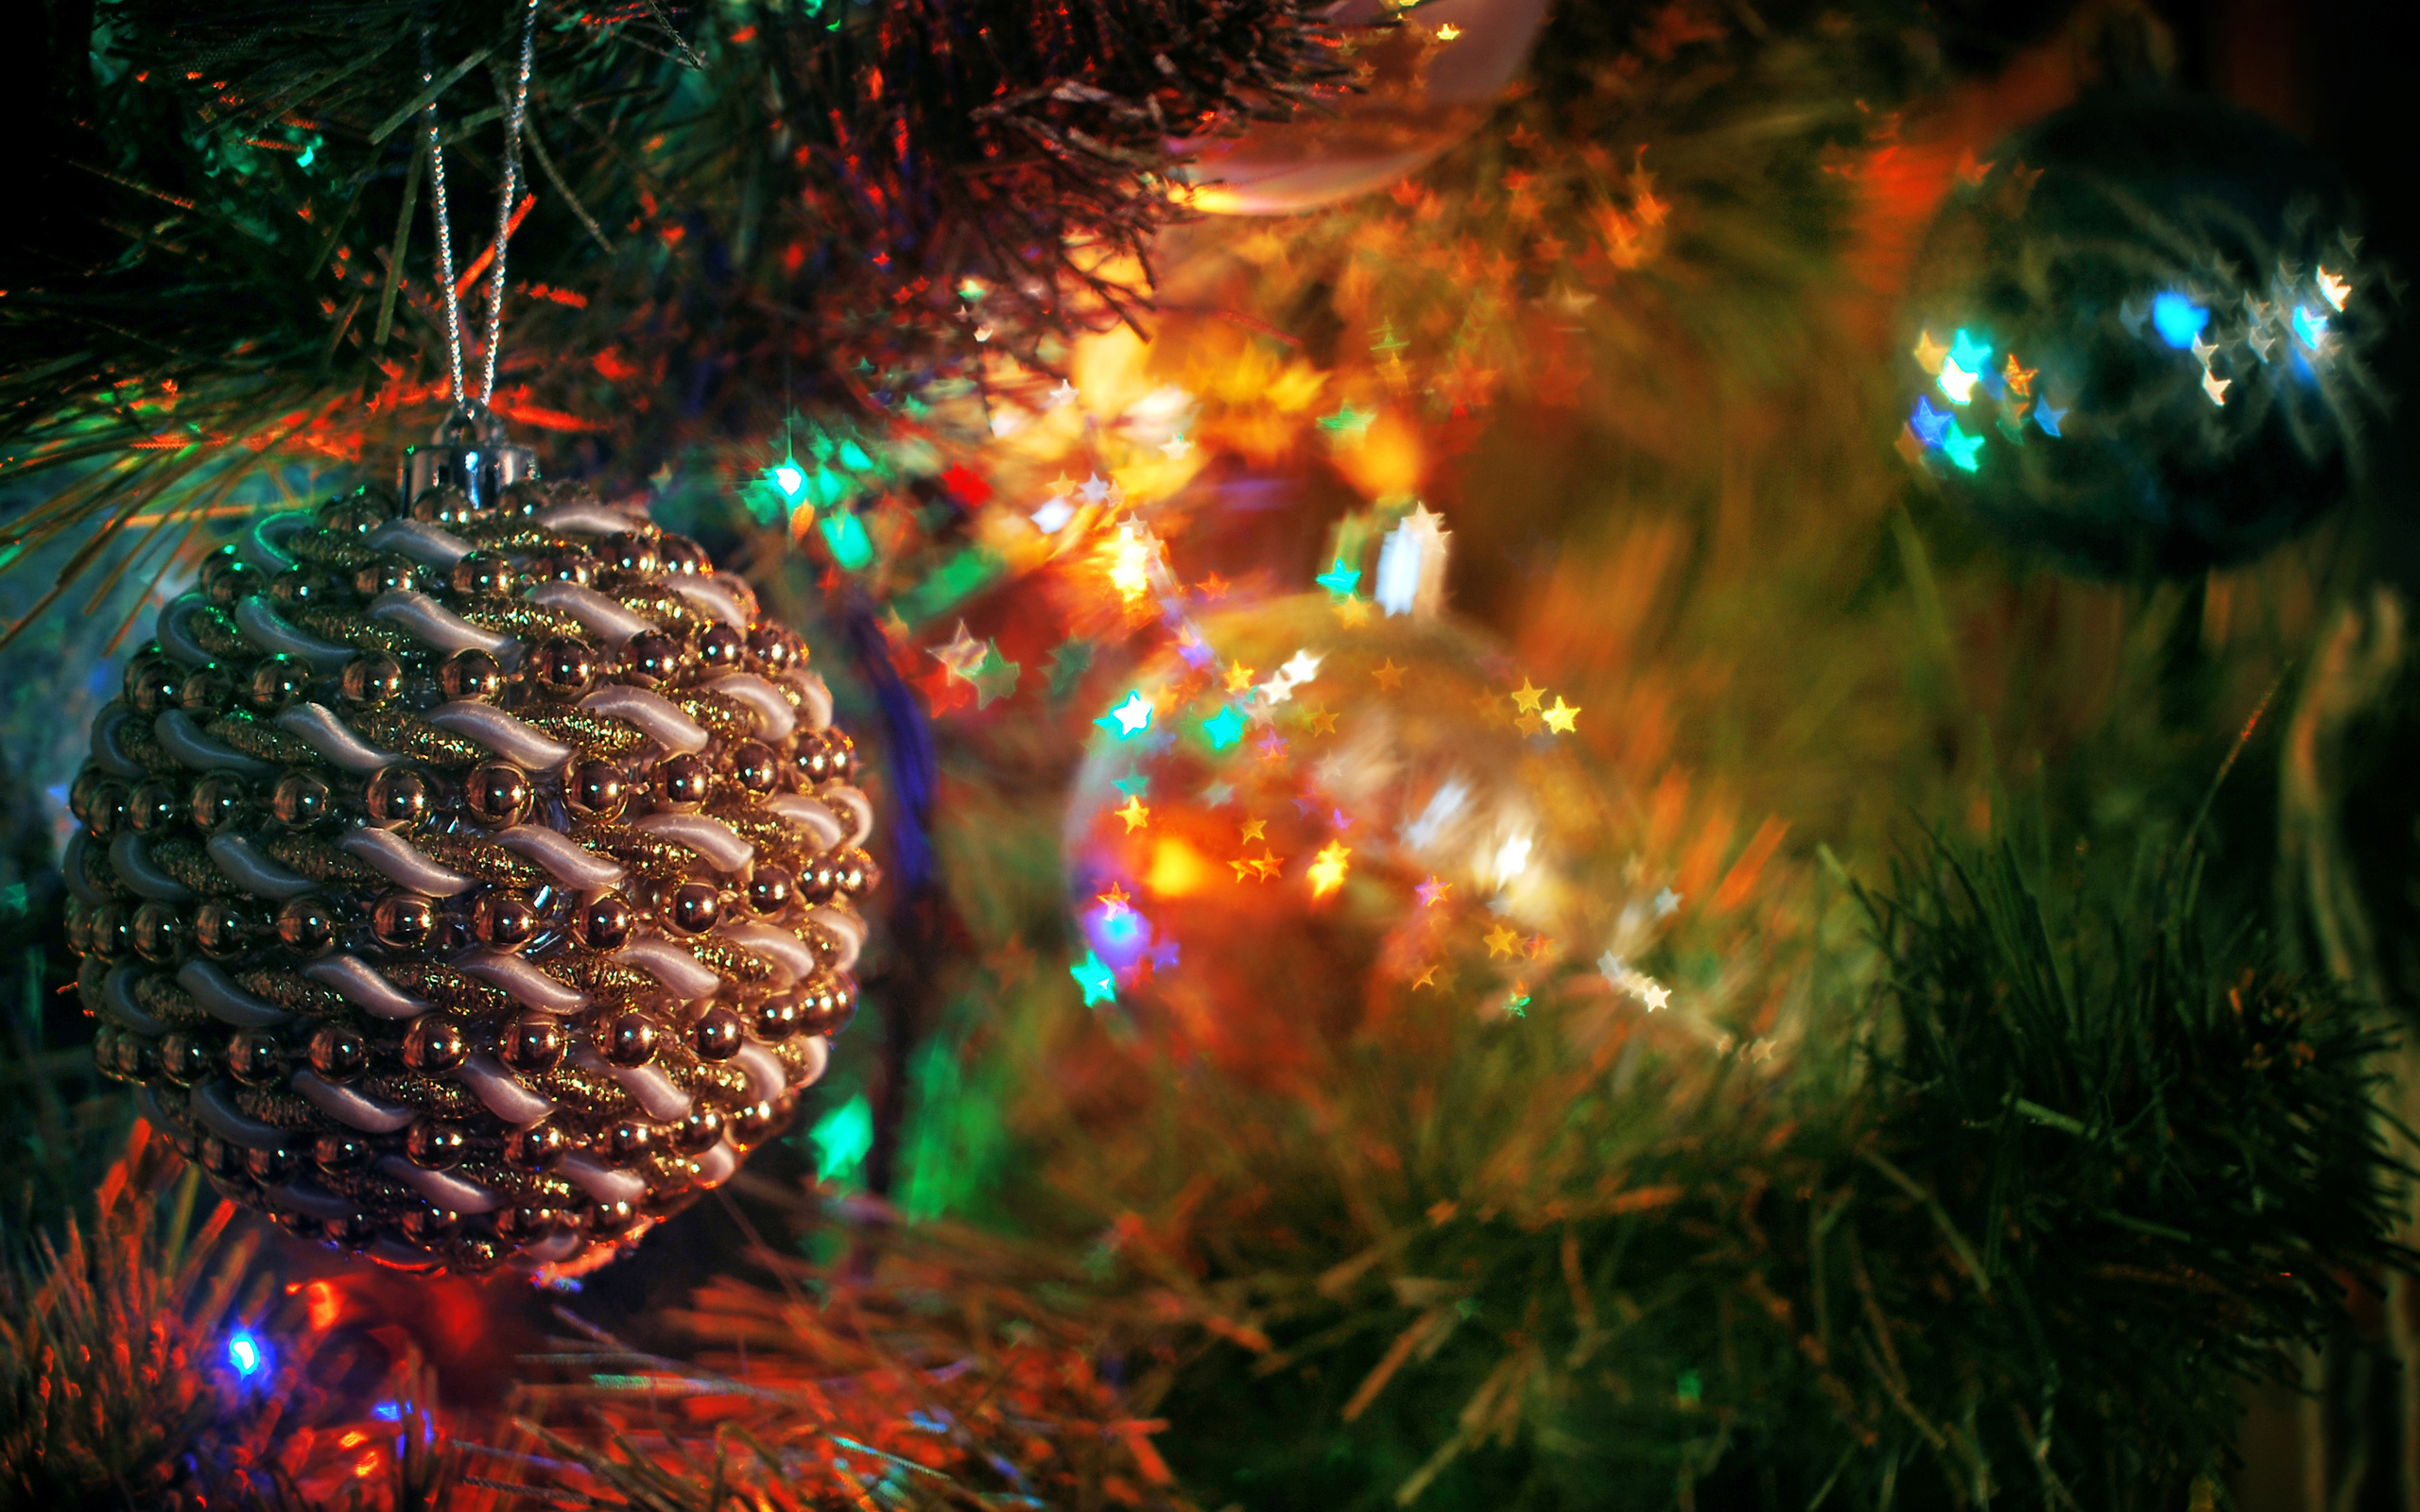 Картинки рисованные, елки картинки на новый год